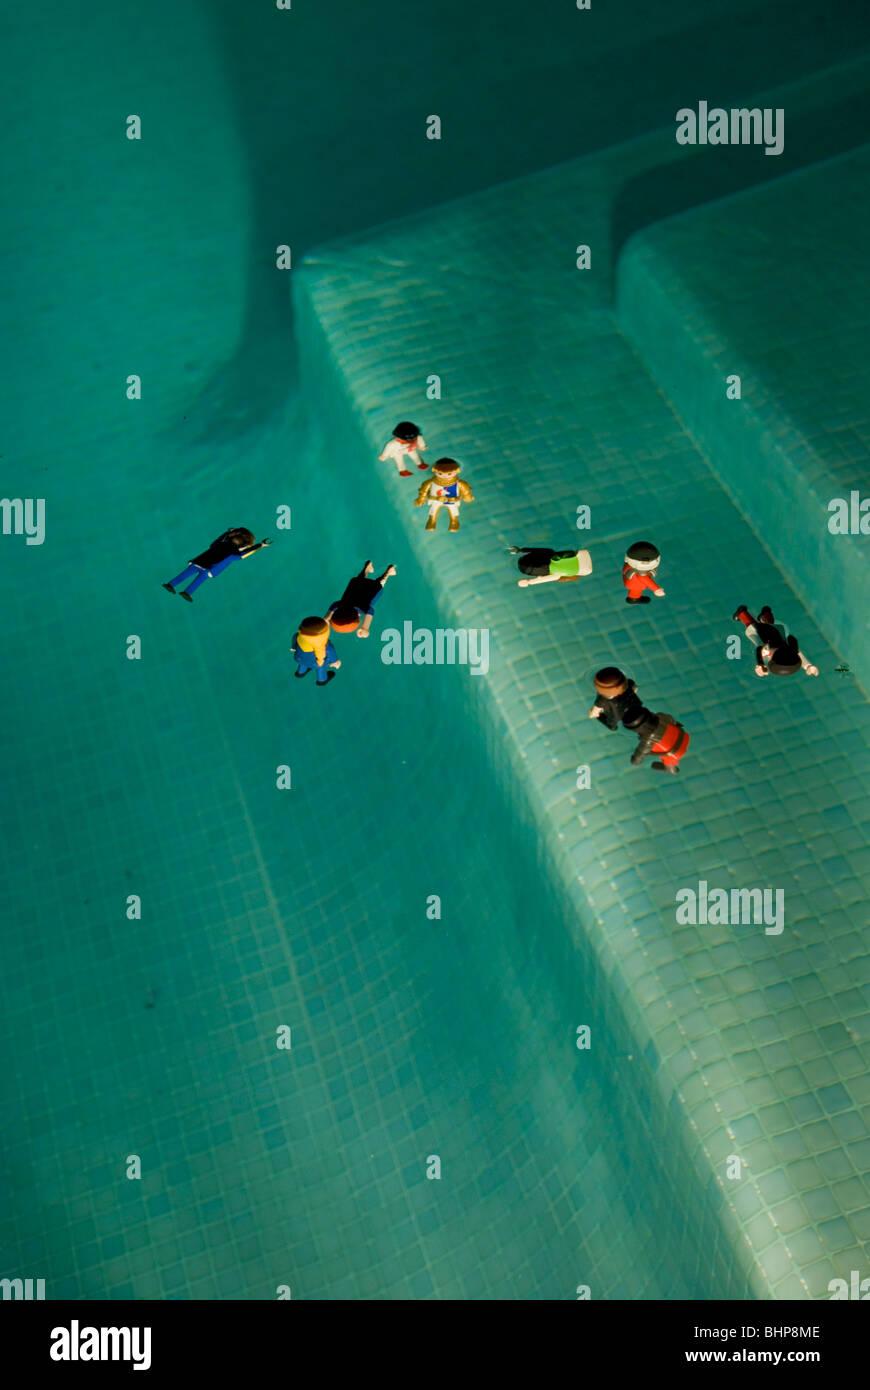 blickte auf Spielfiguren beleuchtet schwimmend im Pool in der Nacht Stockbild